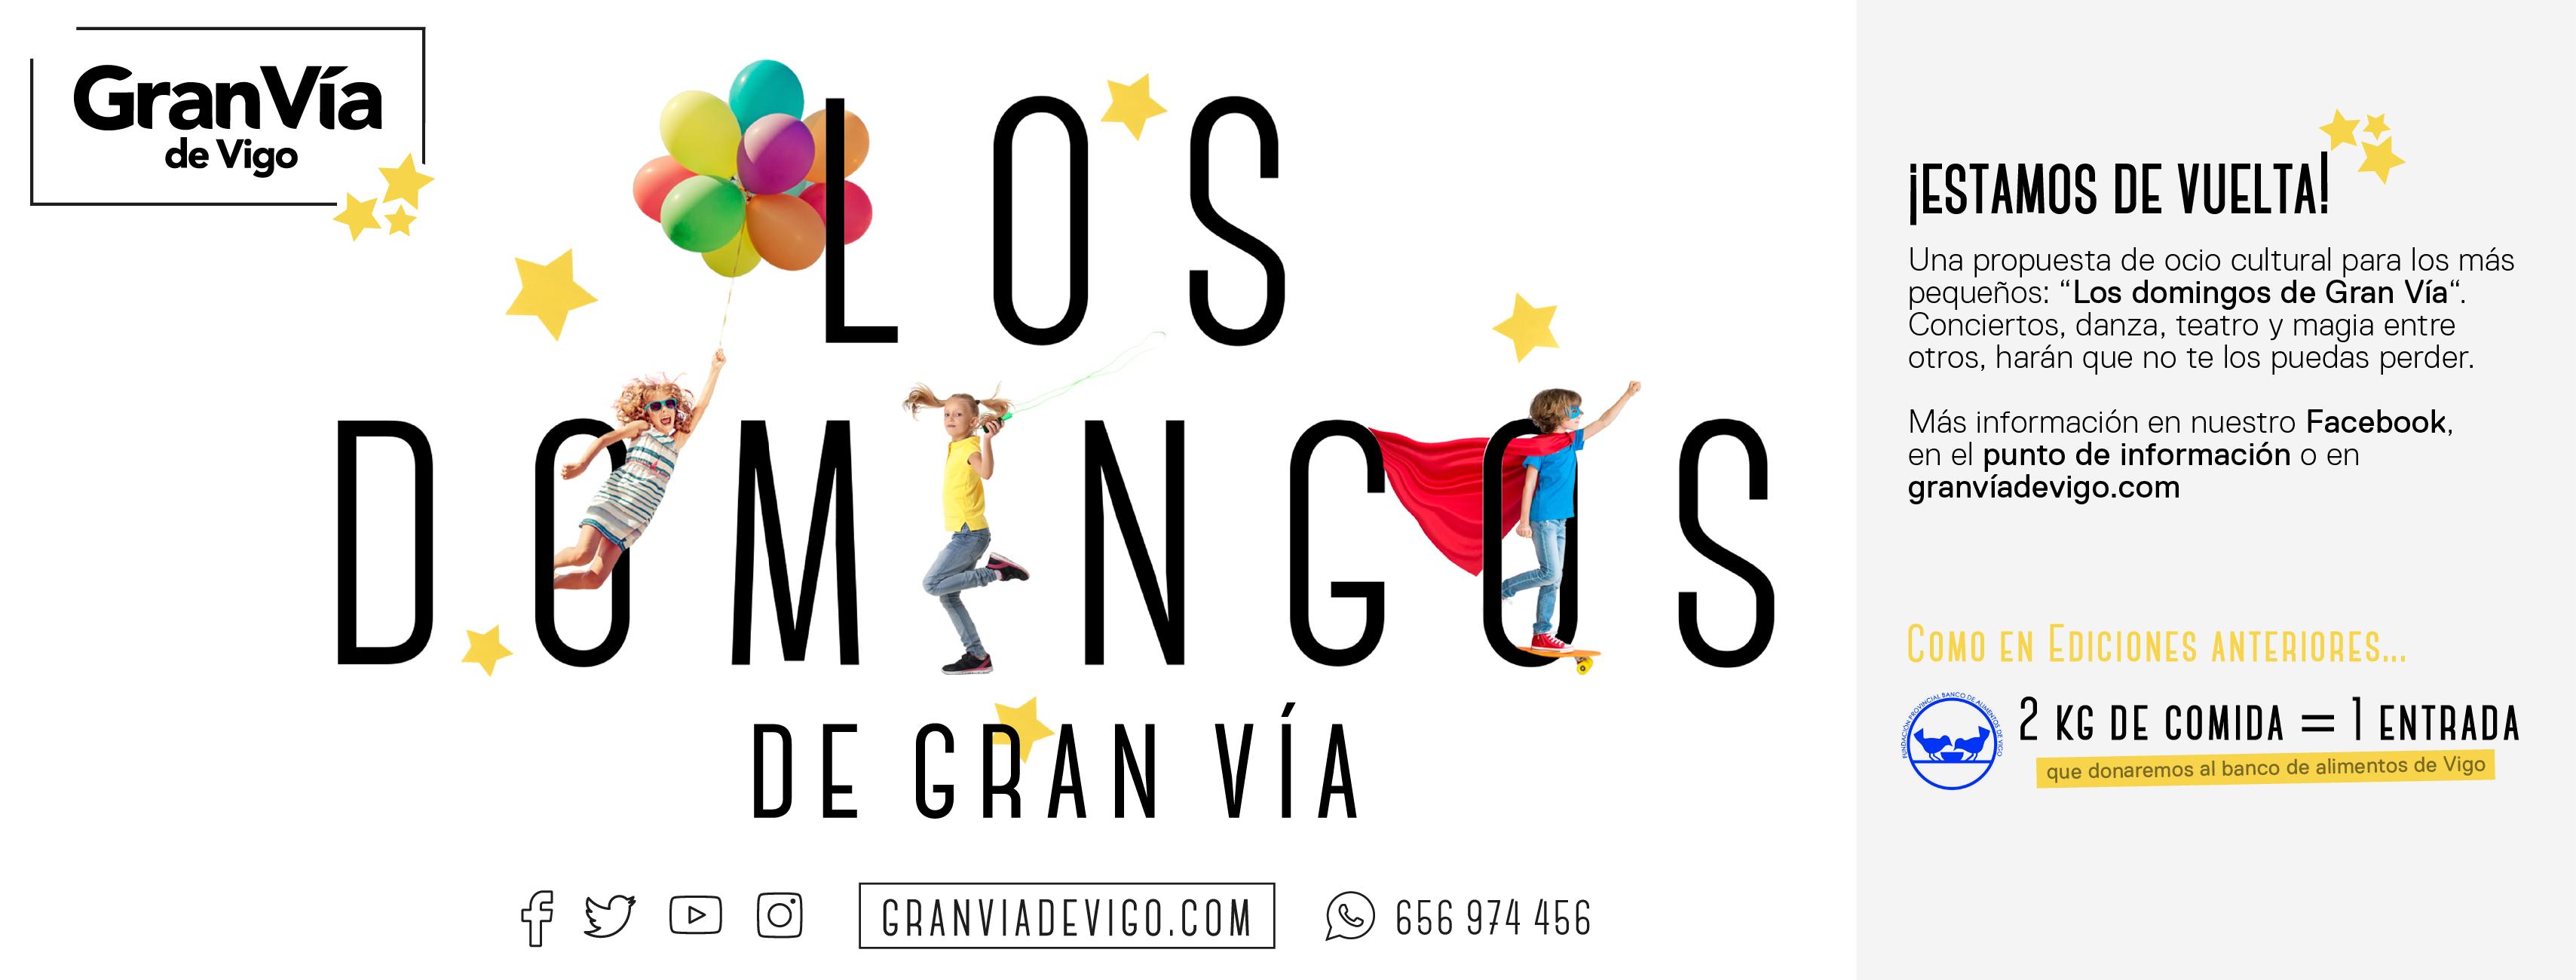 El Banco de Alimentos de Vigo y el Gran Vía de Vigo unen sus fuerzas en Los Domingos de Gran Vía y Showcooking